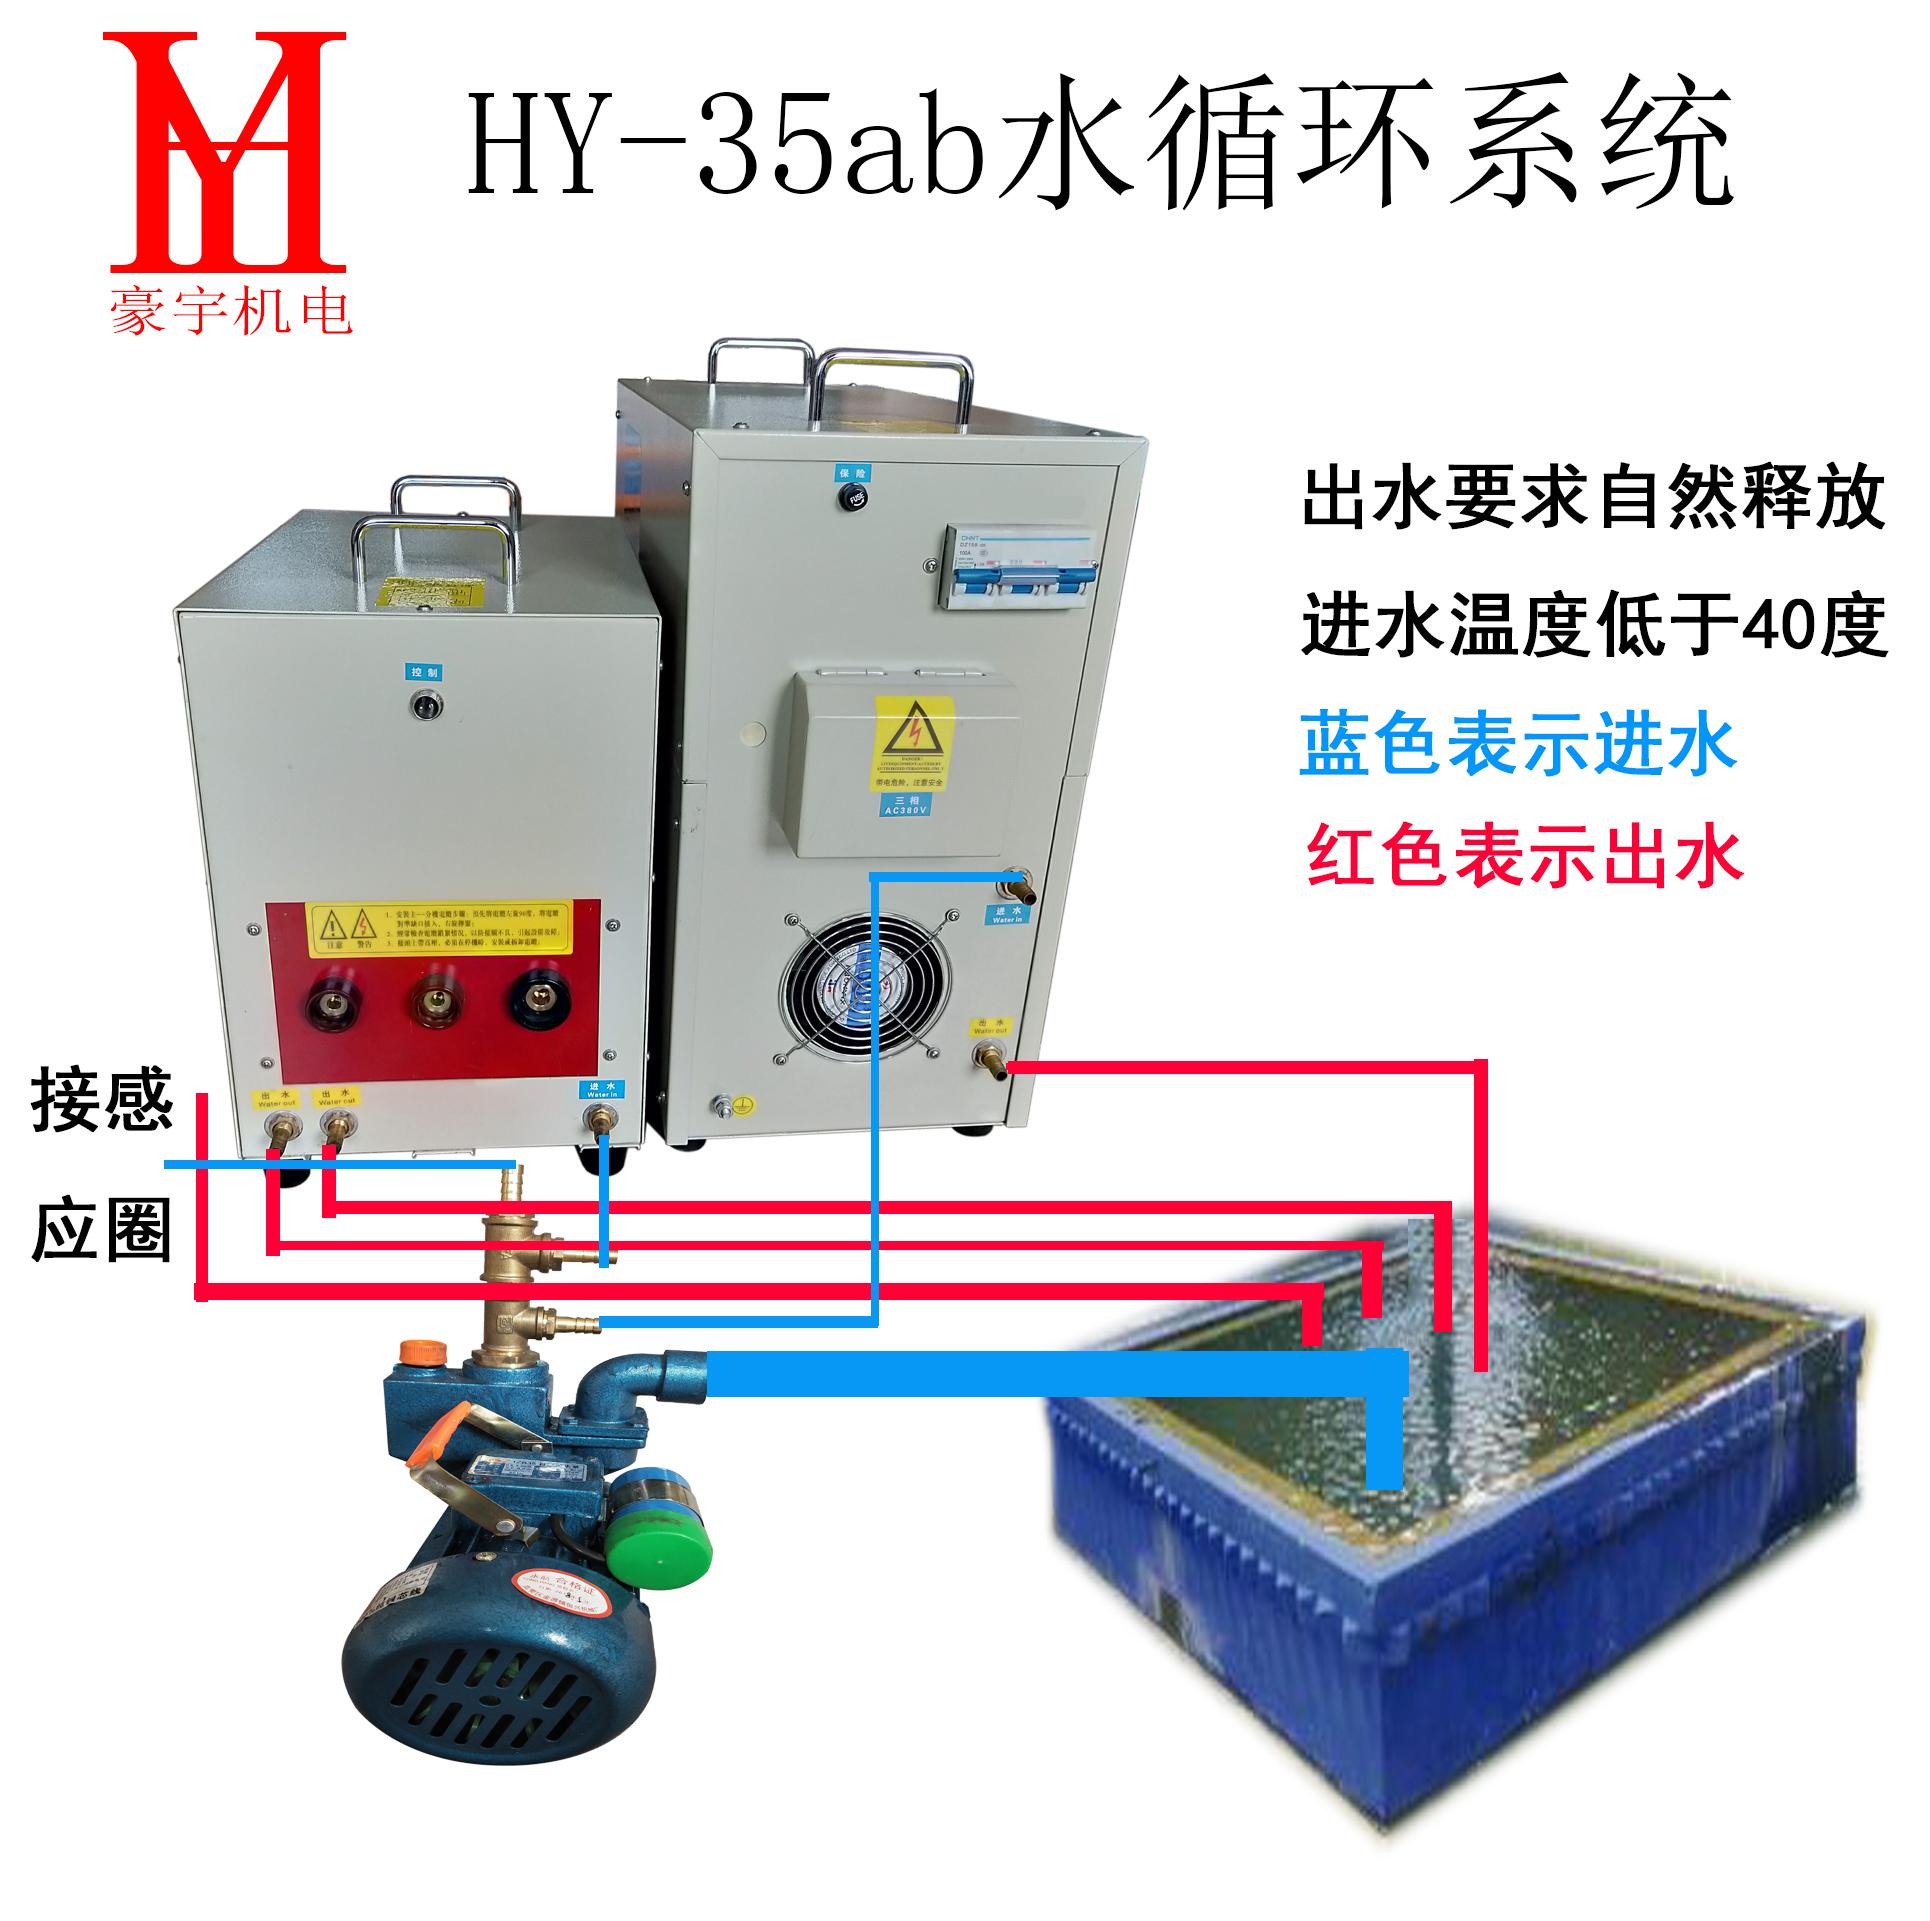 高频机35水路安装示意图